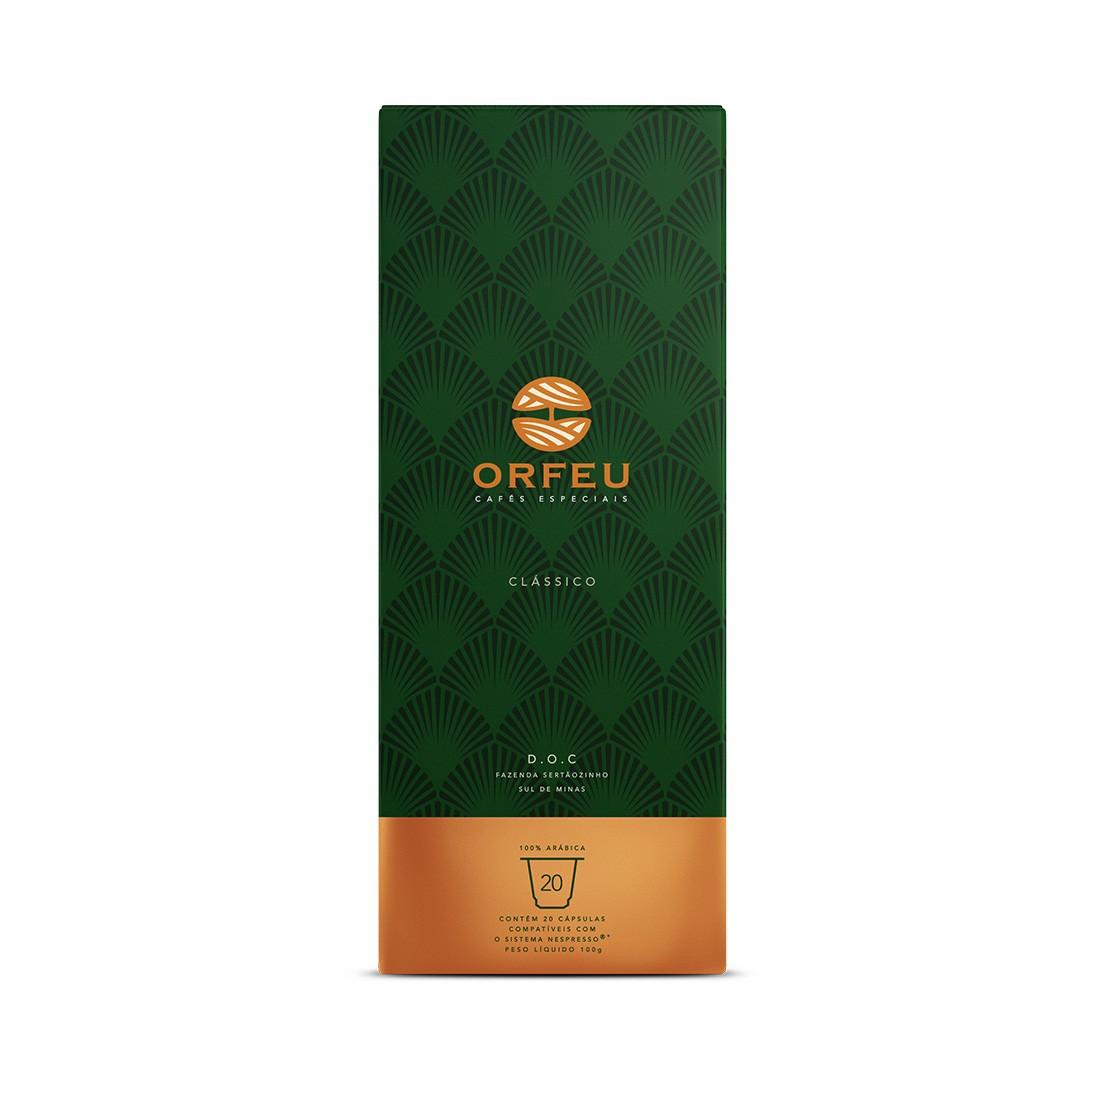 Cápsulas de Café Compatíveis com Nespresso Orfeu Blend Gourmet - 20 cápsulas